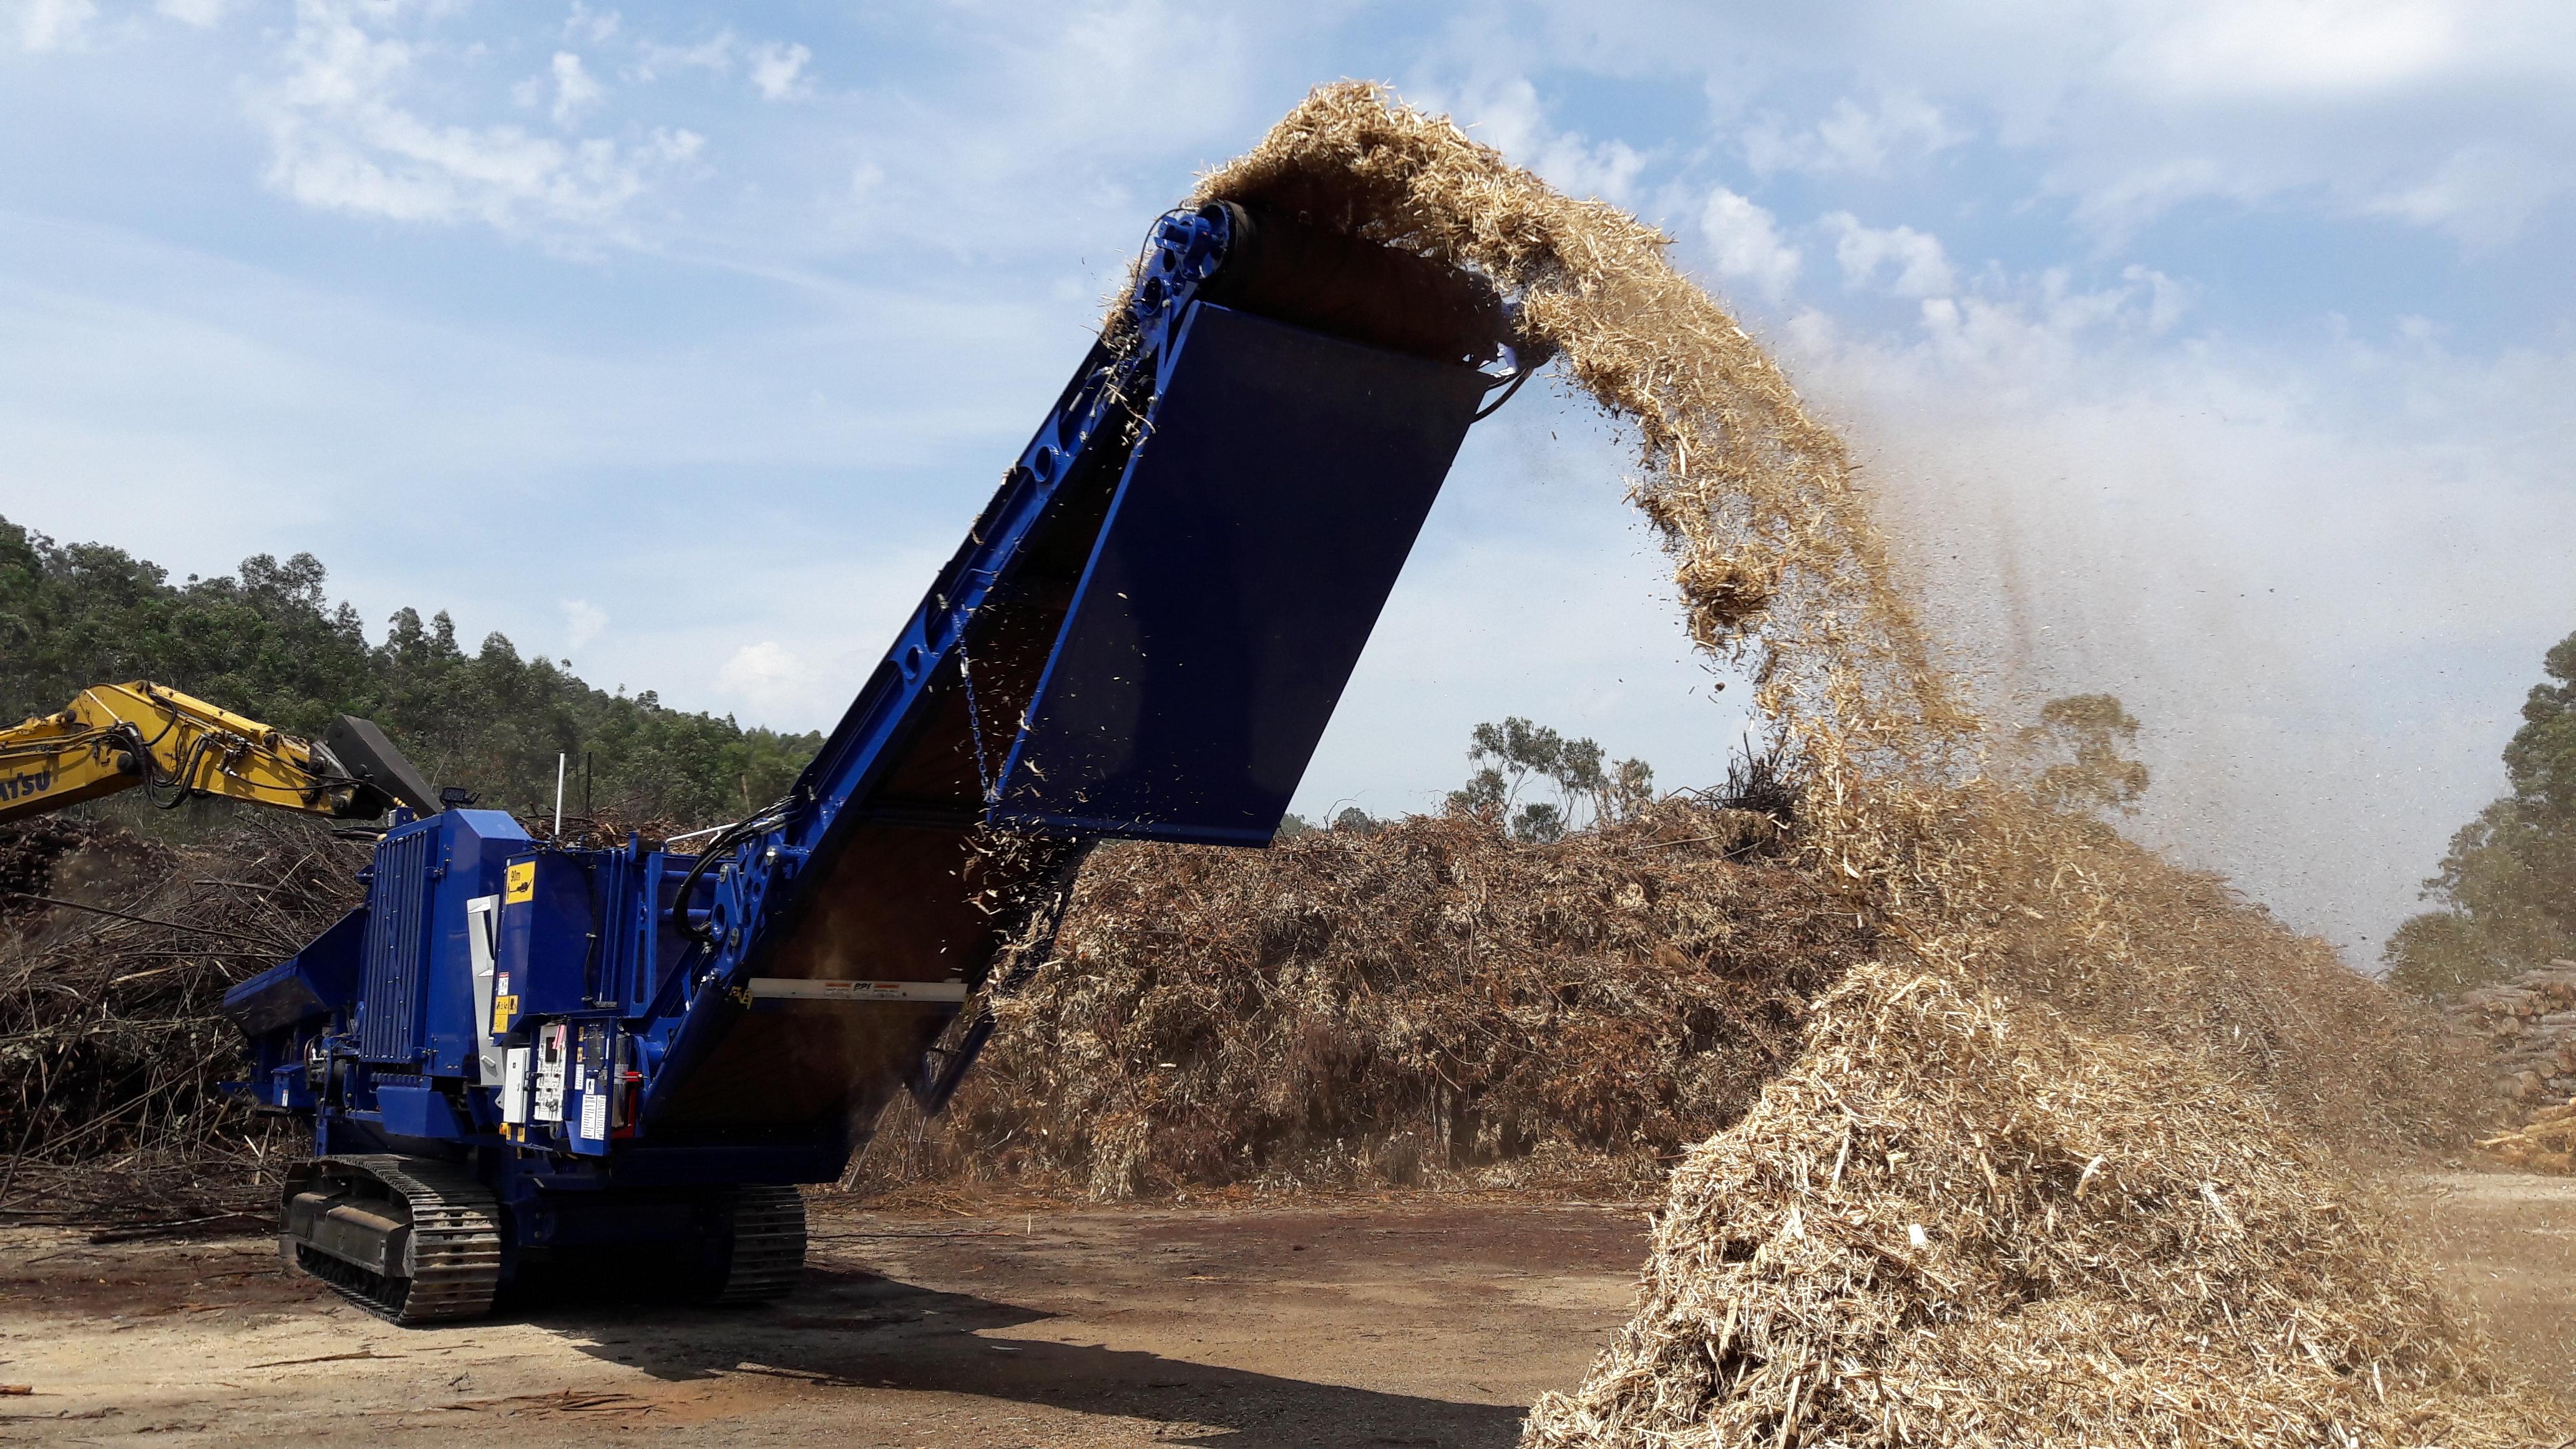 Equipos De Preparación De La Biomasa Con Fines Energéticos